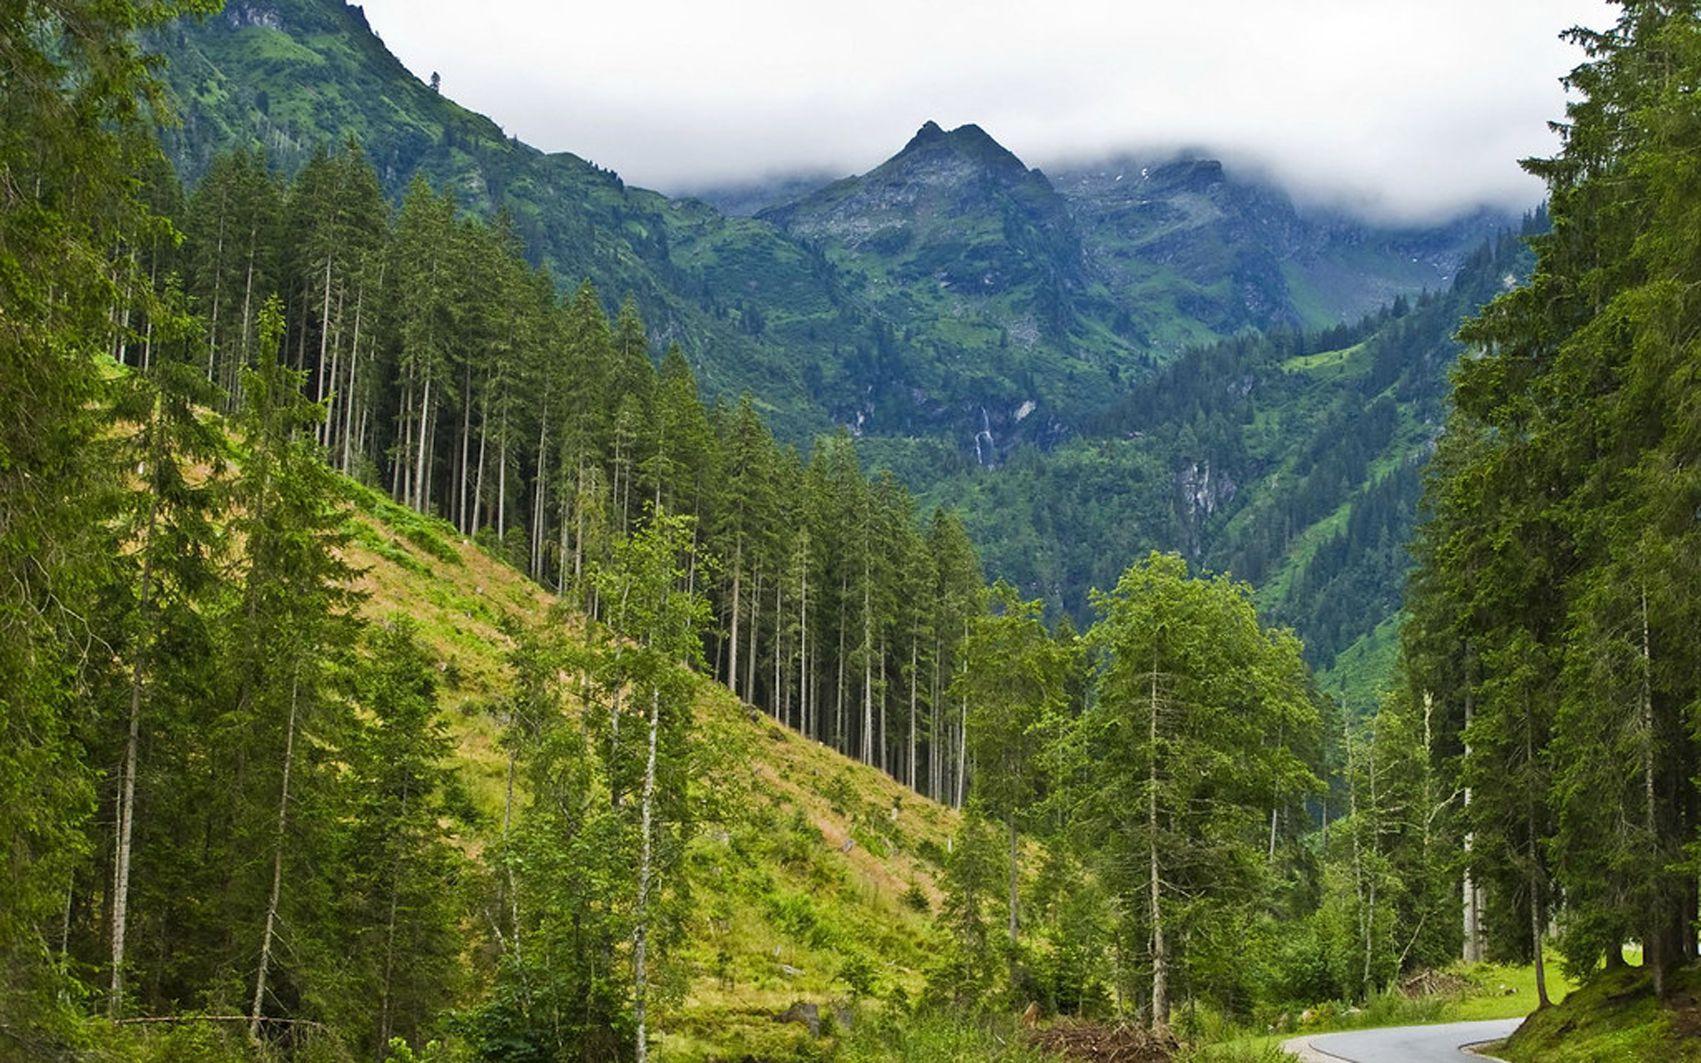 Ліс для Закарпаття — вище, ширше й більше, ніж ліс